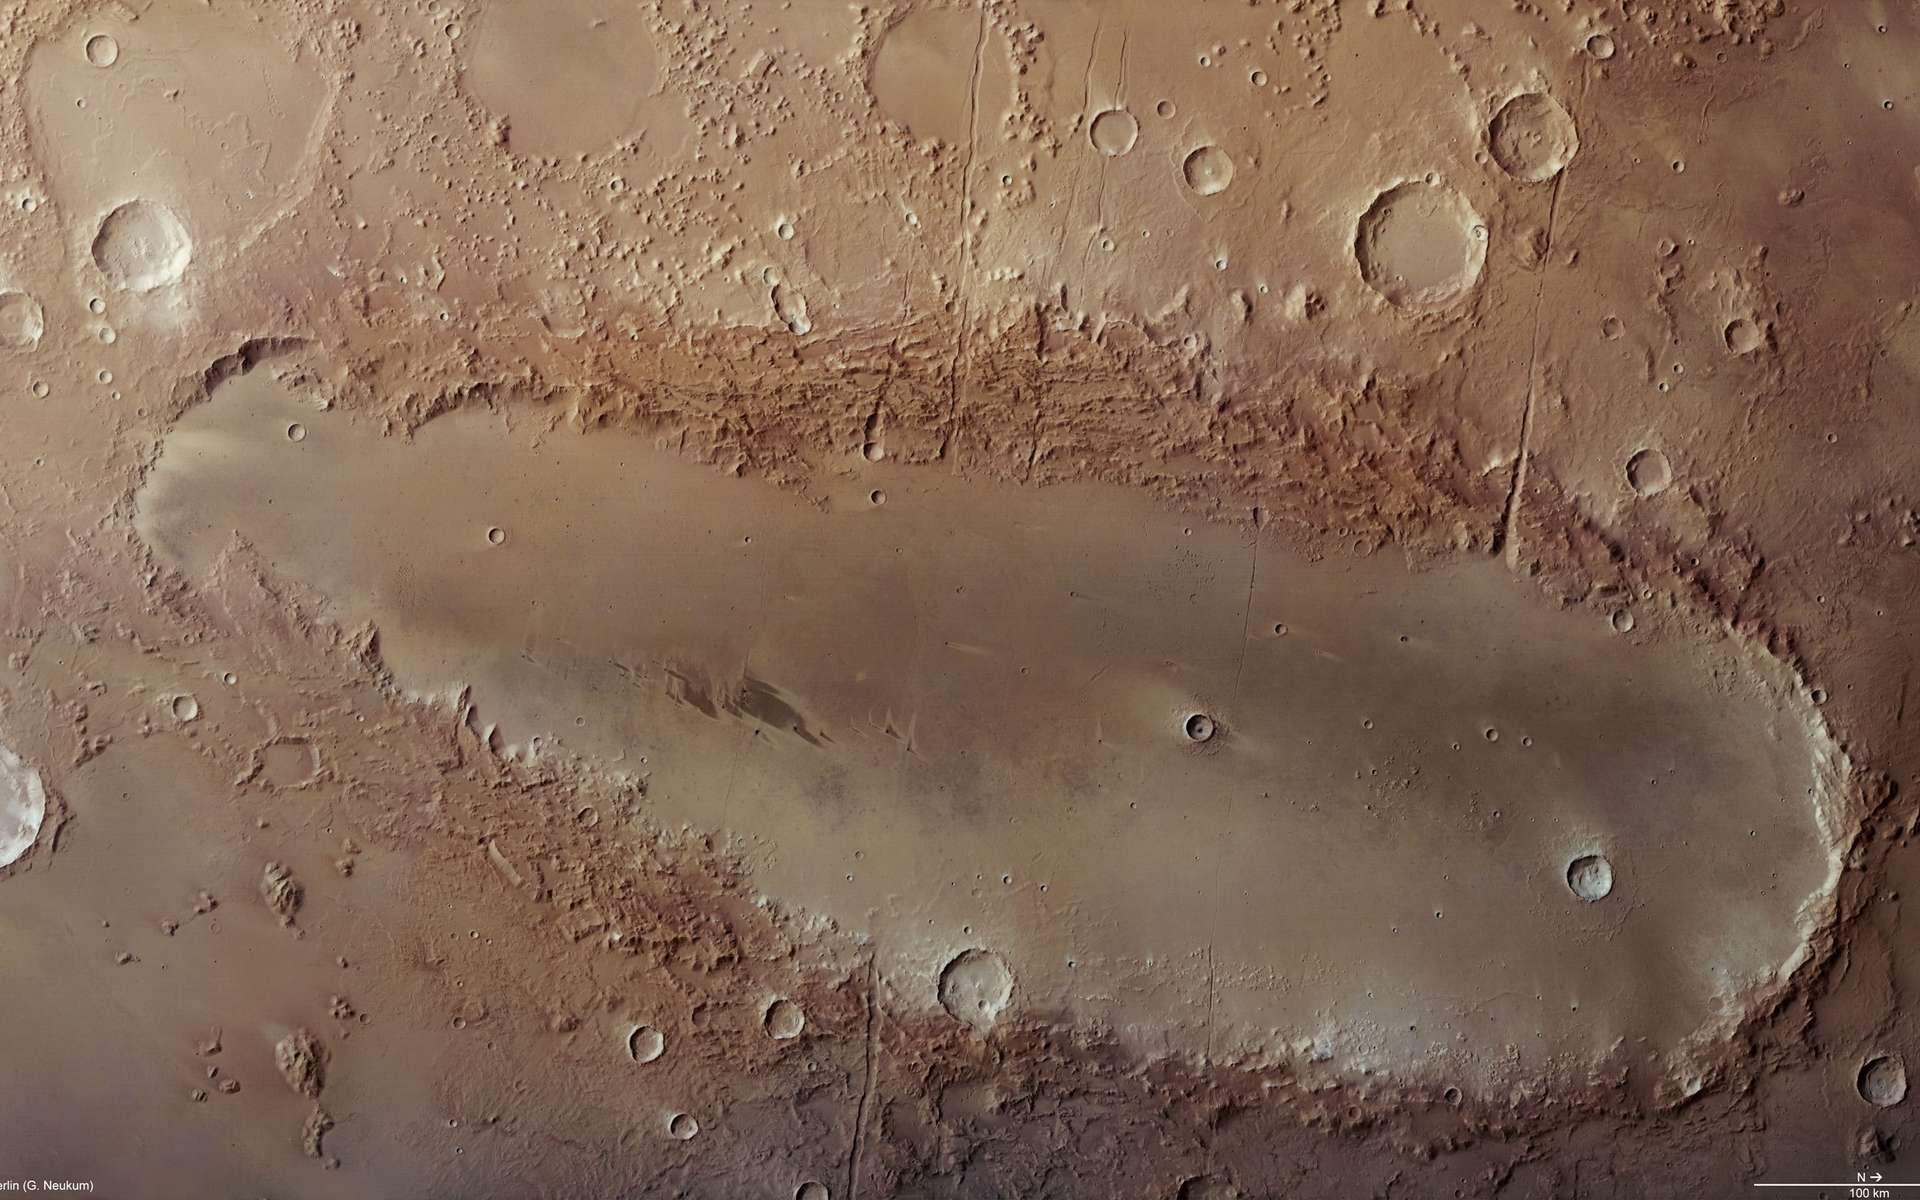 Orcus Patera, une étrange formation martienne allongée photographiée par la sonde européenne Mars Express, intrigue toujours les astronomes. Crédit Esa/DLR/FU Berlin (G. Neukum)